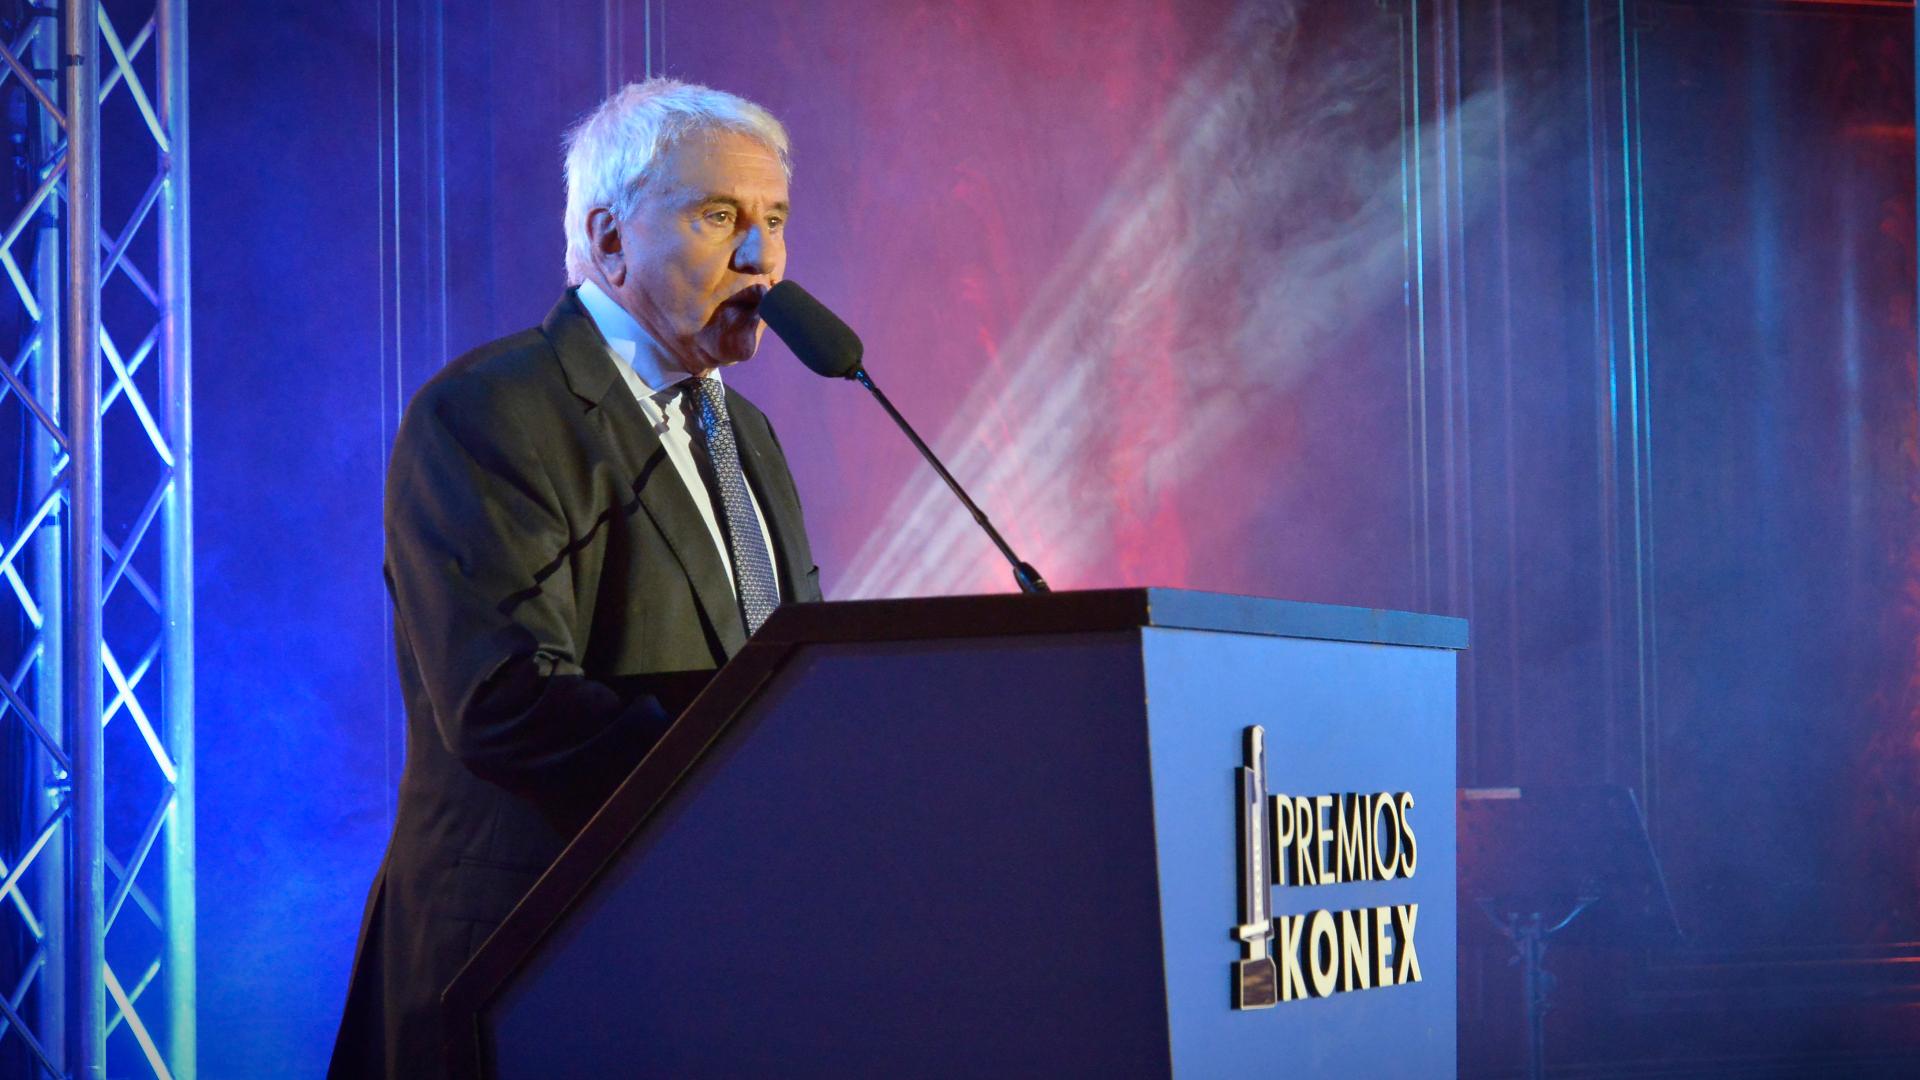 Fernando Bravo estuvo a cargo de la conducción de la gala en el renovado salón de actos de la Facultad de Derecho de la UBA